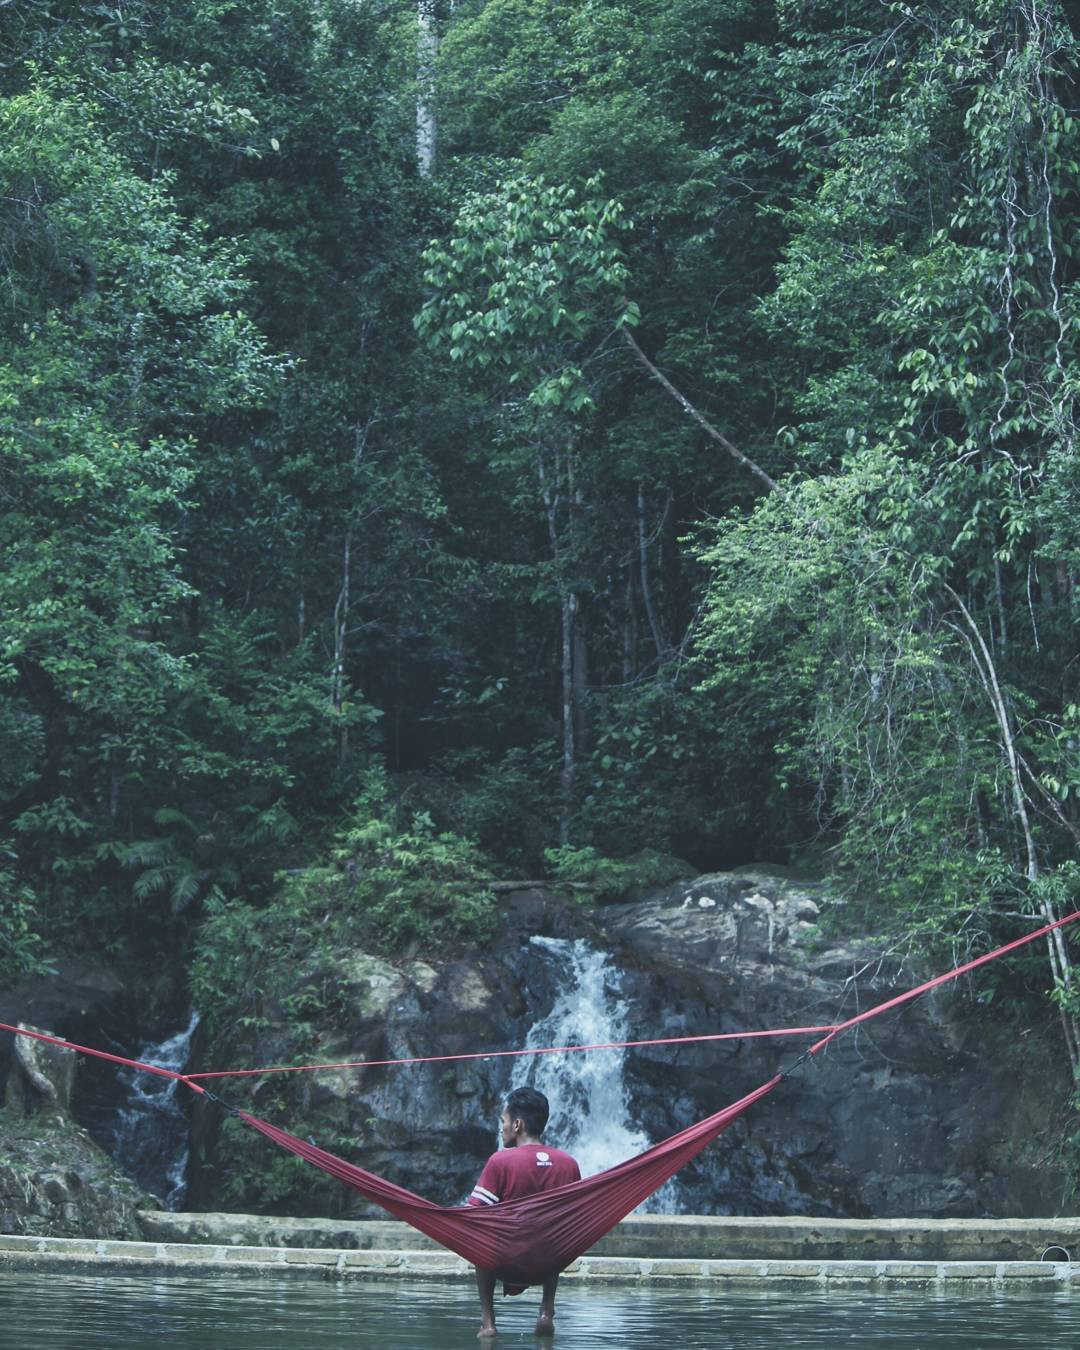 Daniekadl 10 Tempat Wisata Di Lingga Kepulauan Riau Paling Populer Dan Menarik